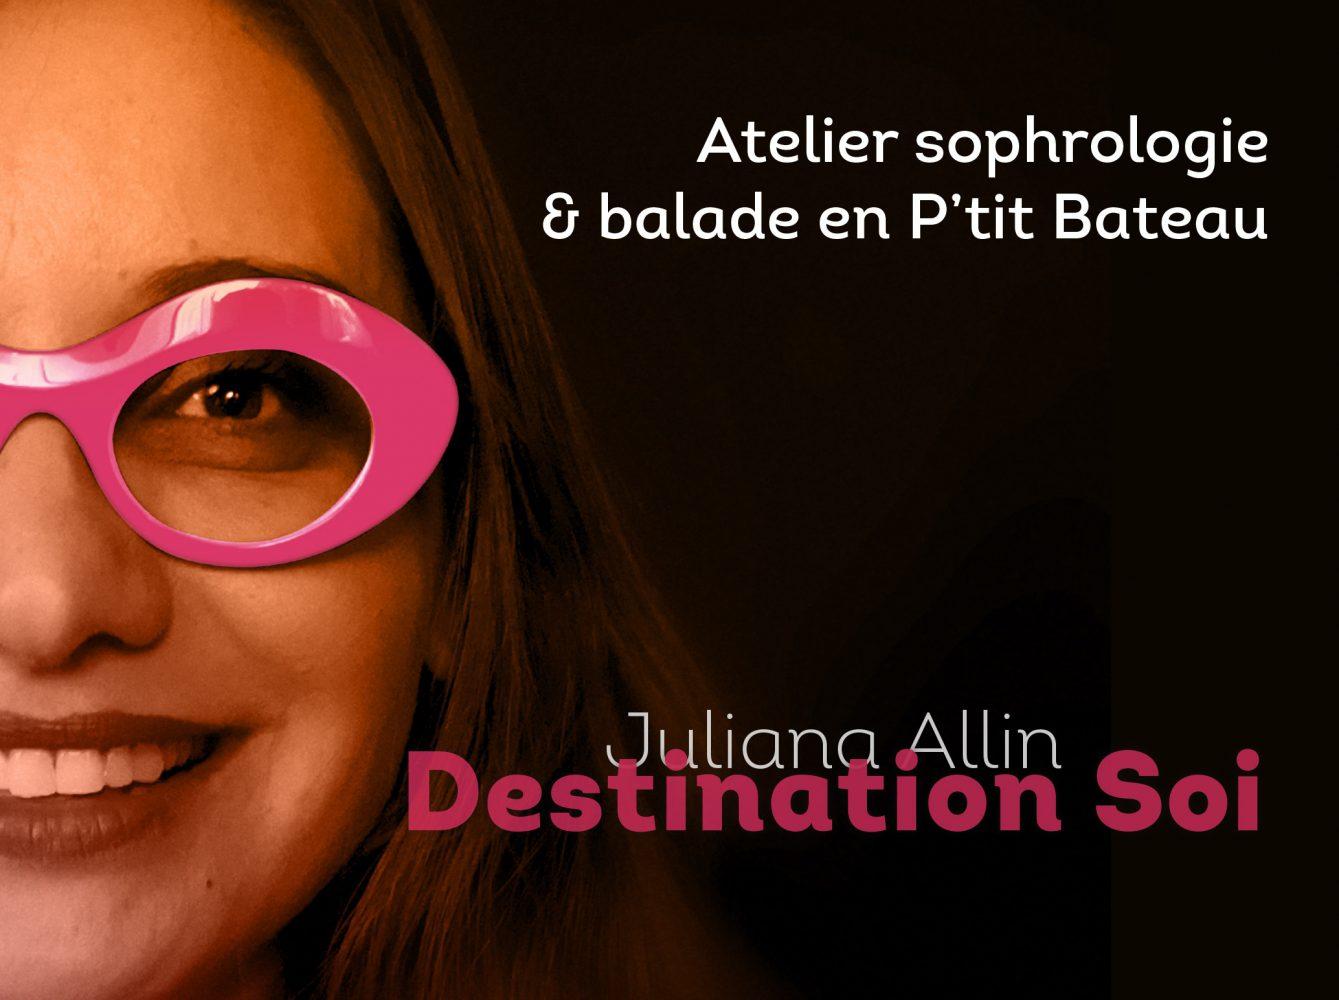 Juliana Allin atelier sophrologie P'tit Bateau